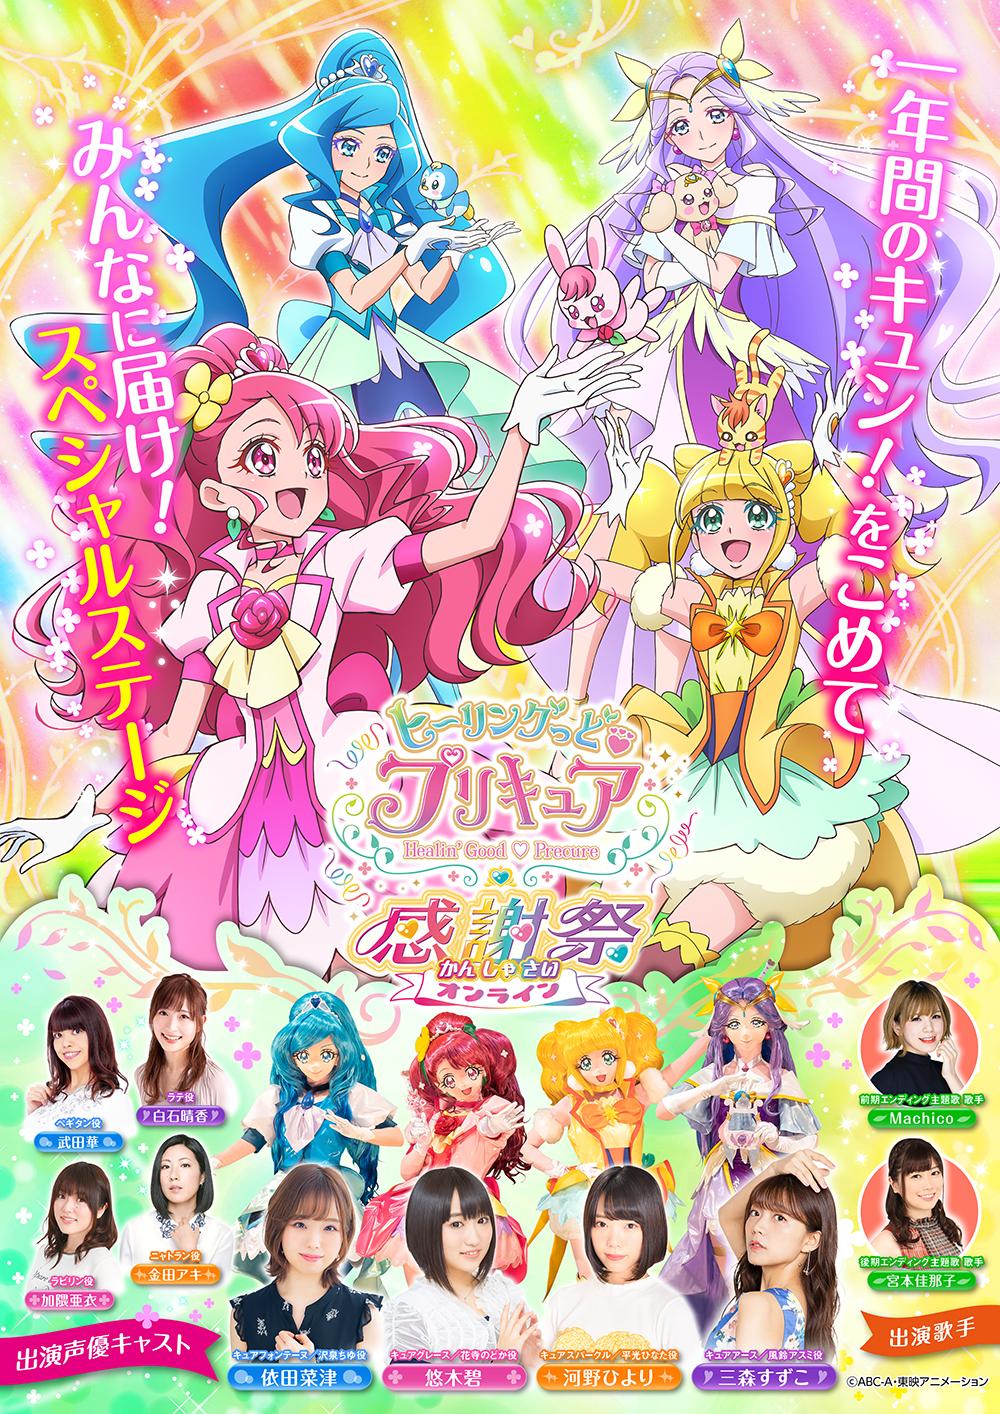 1年間のキュン!をこめて「ヒーリングっど♥プリキュア 感謝祭 オンライン」開催決定!